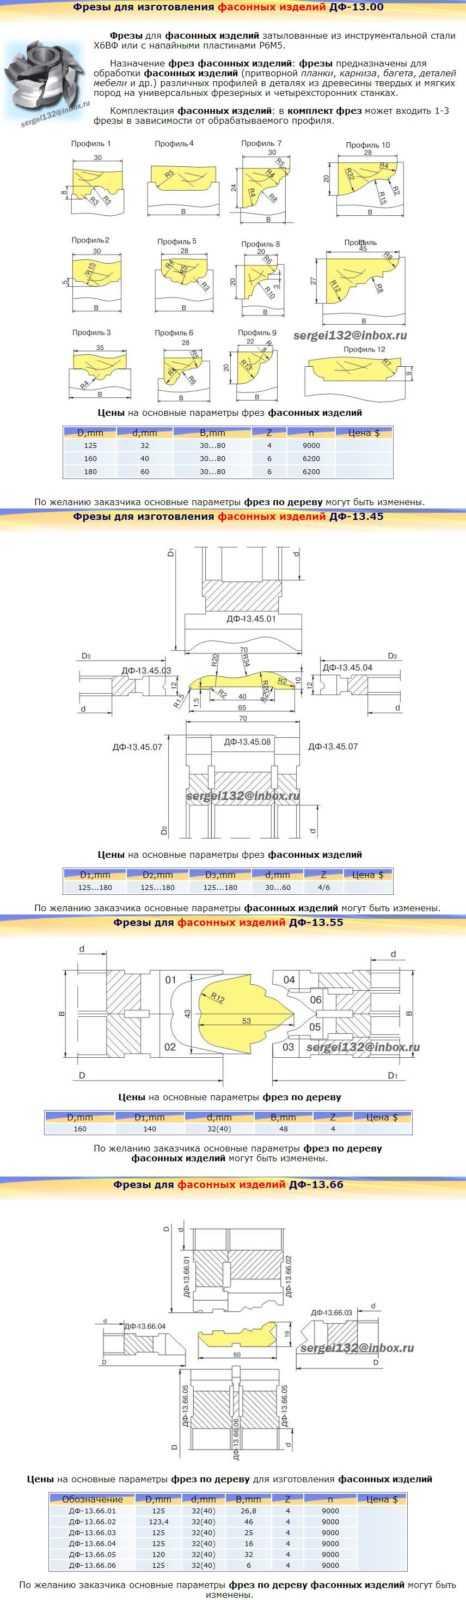 Фрезы для фасонных многопрофильных изделий-1